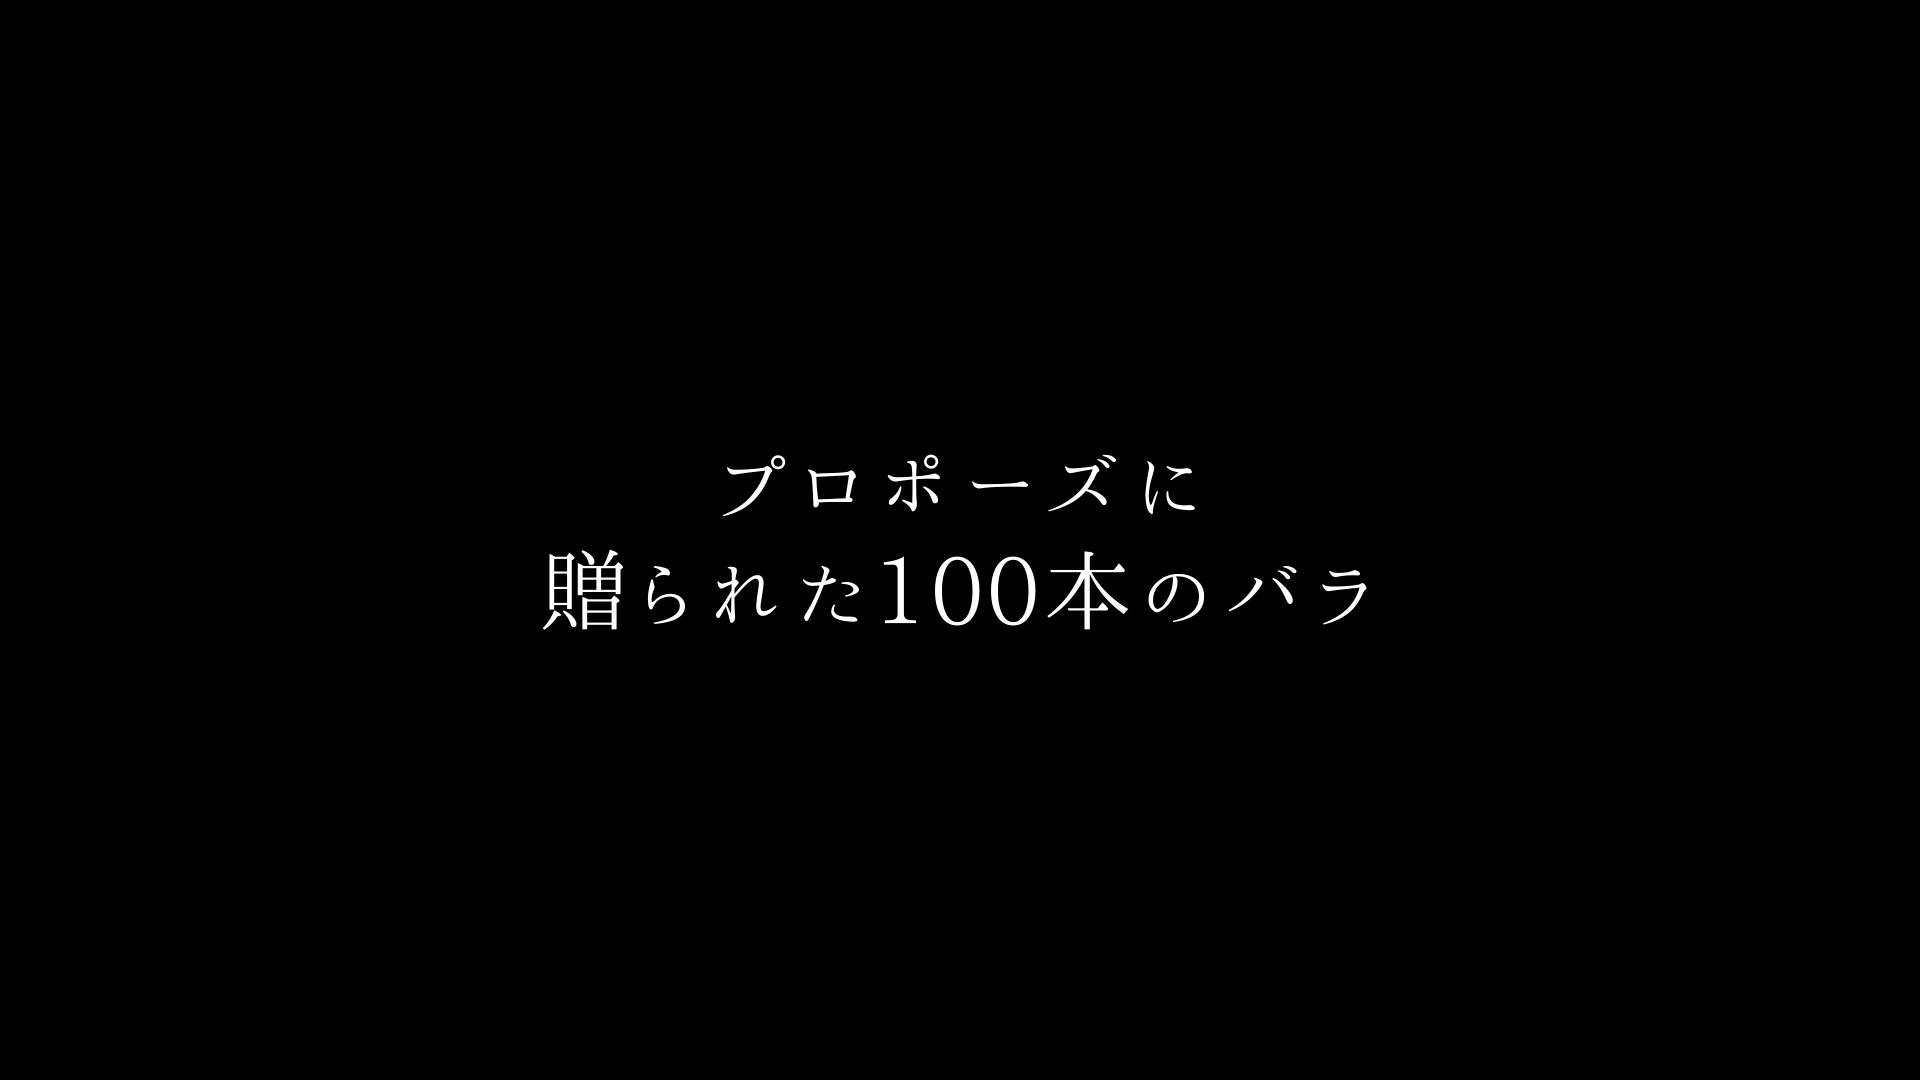 プロポーズに贈る・最高級バラ100本の花束制作動画 2020.12.03撮影